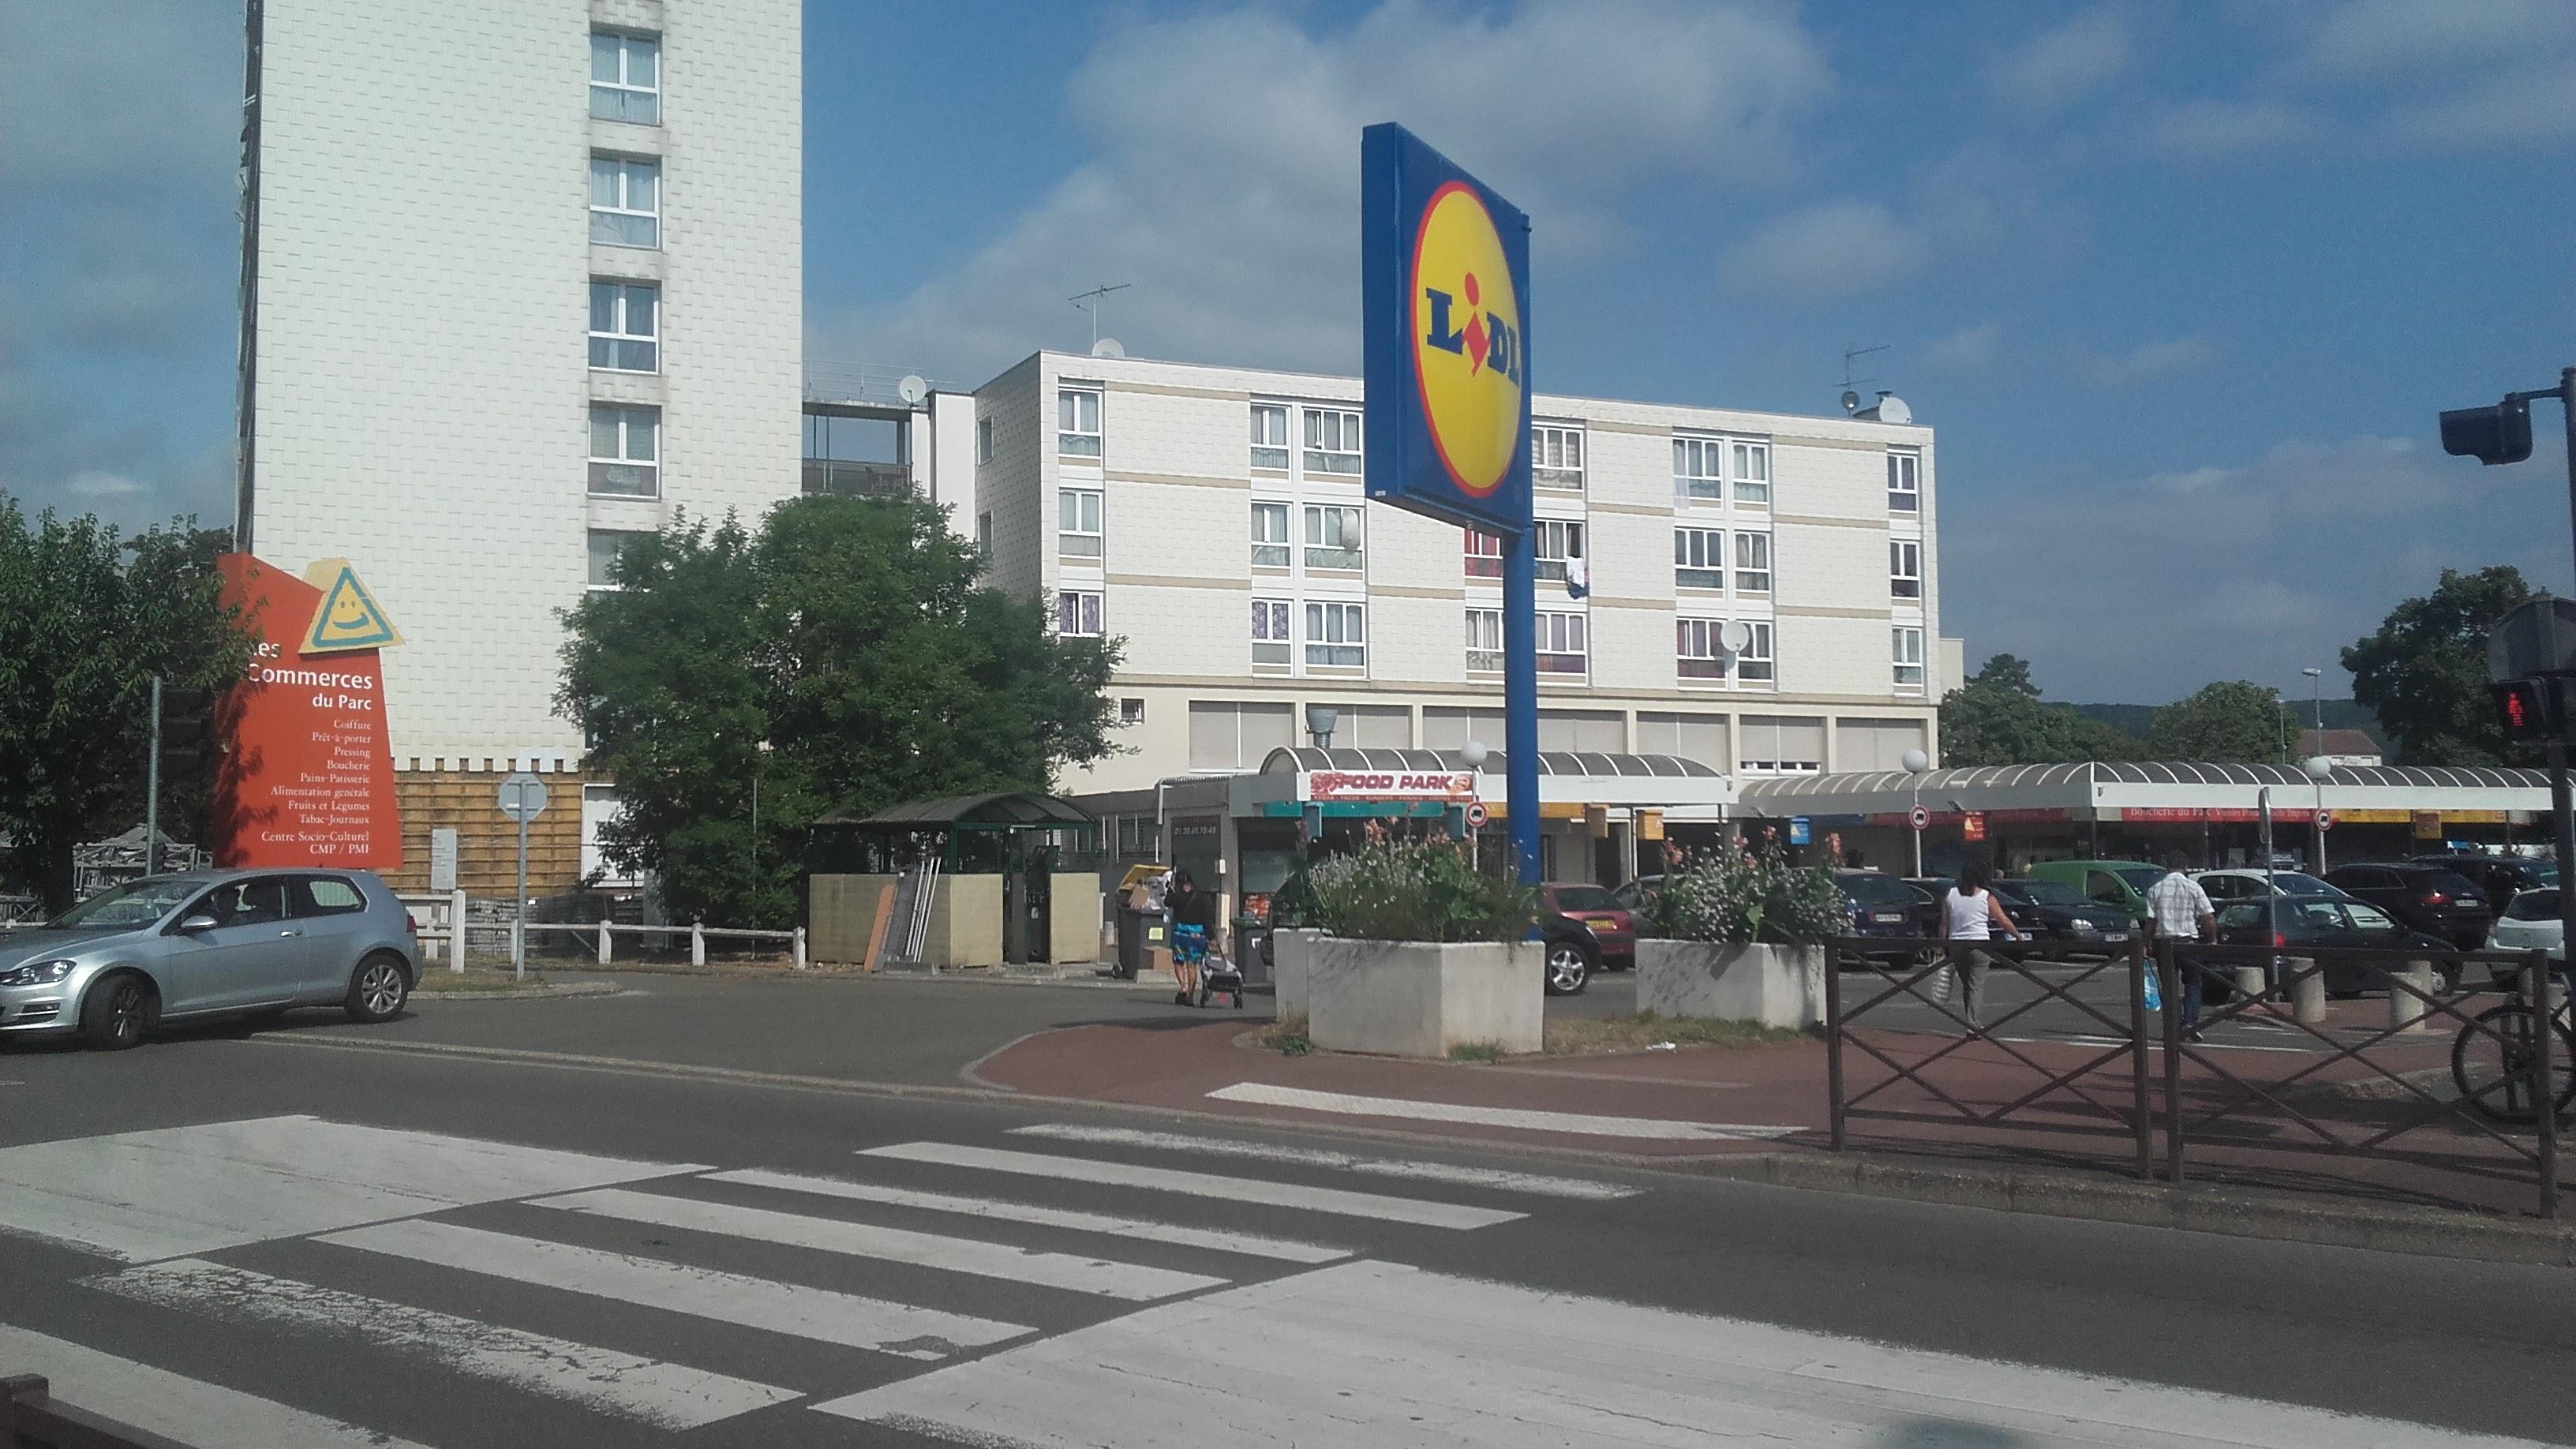 Les commerces & activités du Quartier du Parc à Vernouillet